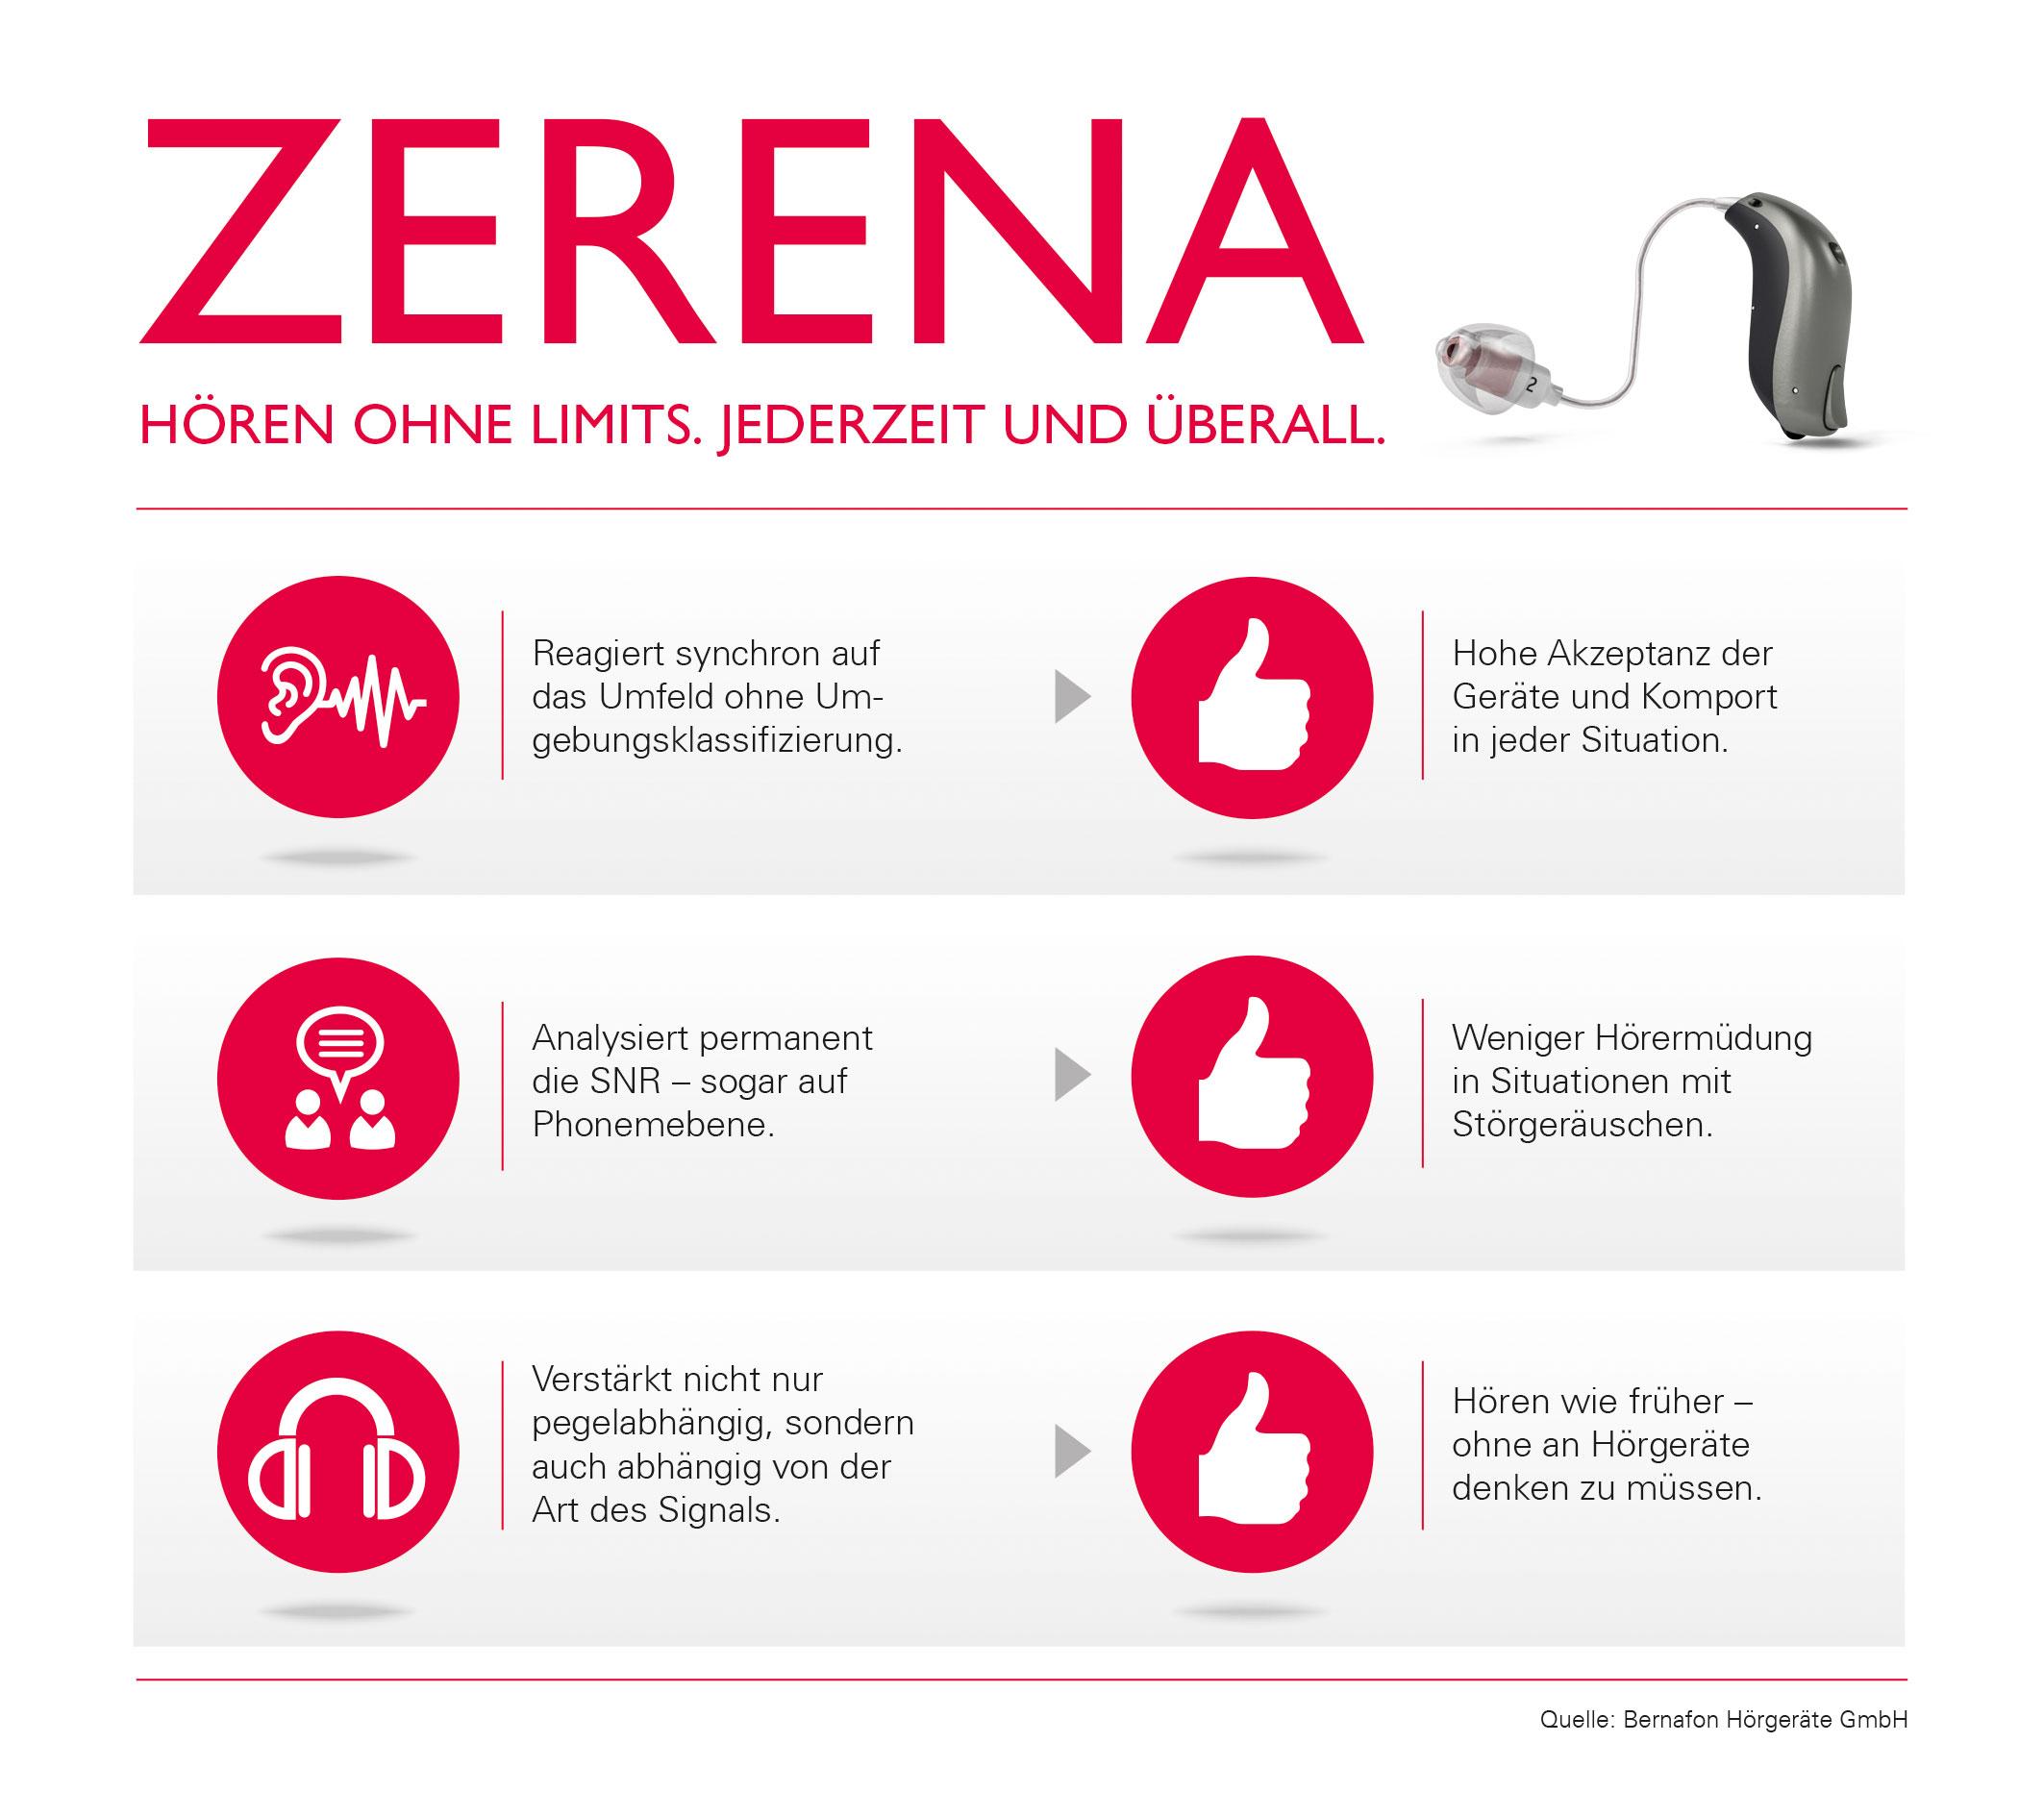 zerena_vorteile